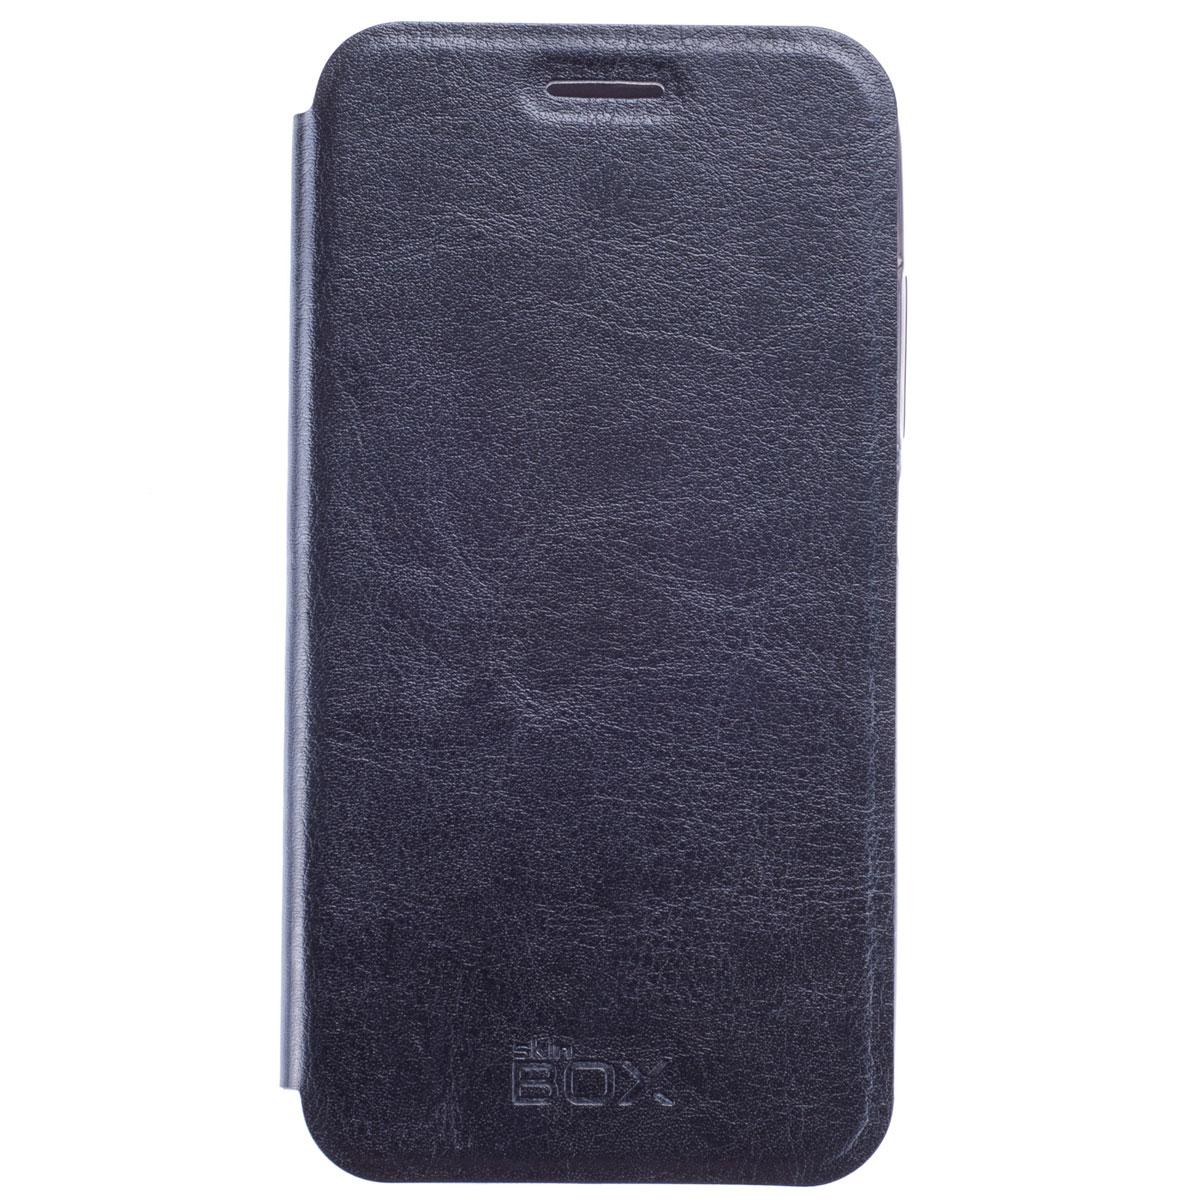 Skinbox Lux чехол для HTC Desire 616 DS, BlackT-S-HD616-003Чехол Skinbox Lux выполнен из высококачественного поликарбоната и экокожи. Он обеспечивает надежную защиту корпуса и экрана смартфона и надолго сохраняет его привлекательный внешний вид. Чехол также обеспечивает свободный доступ ко всем разъемам и клавишам устройства.